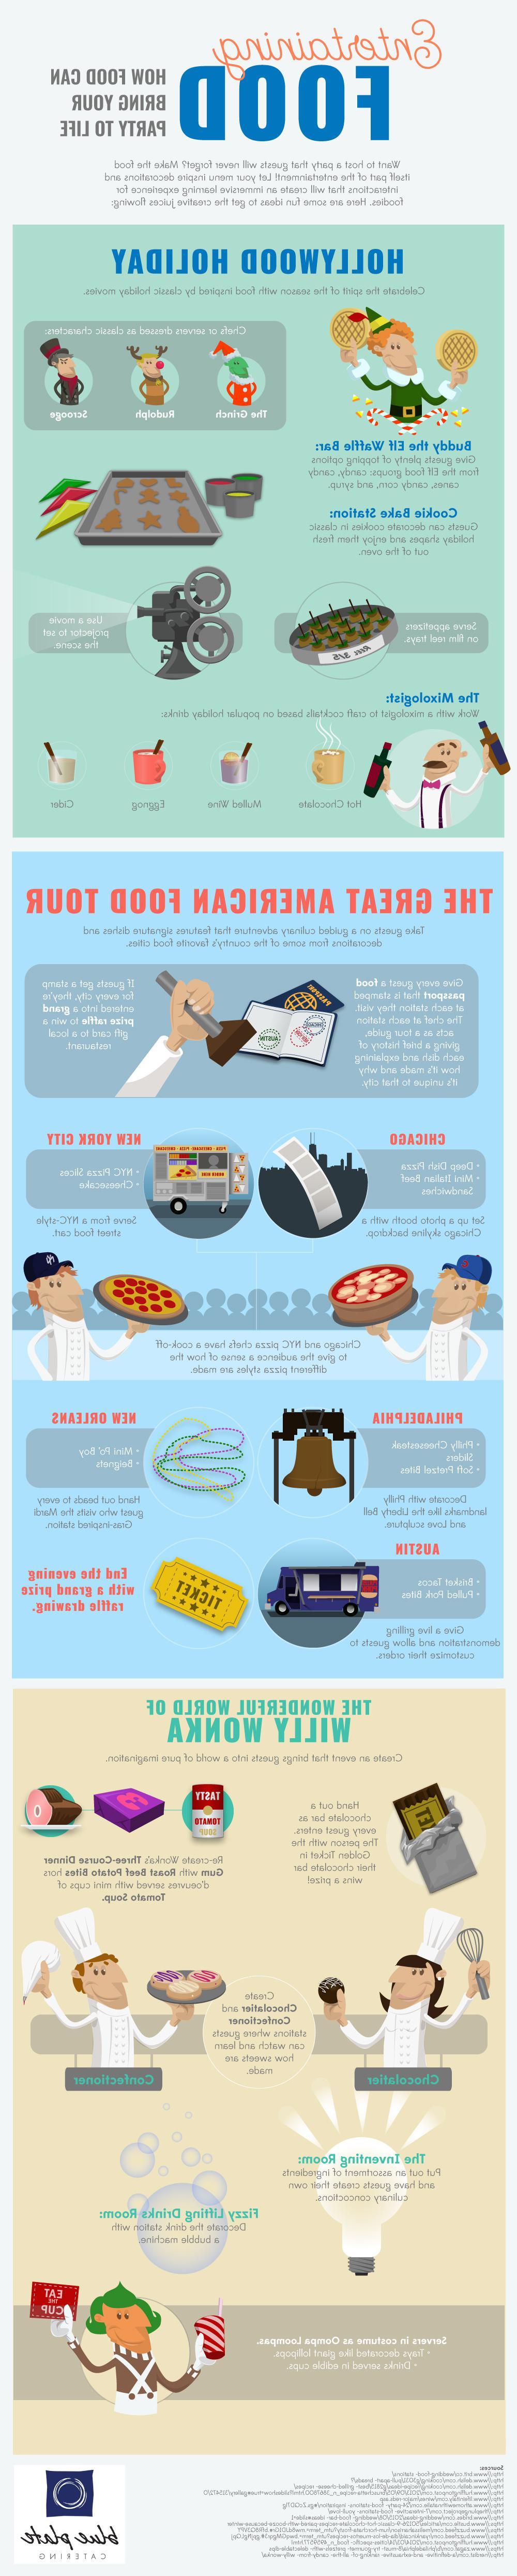 食物作为娱乐信息图表 蓝盘餐饮